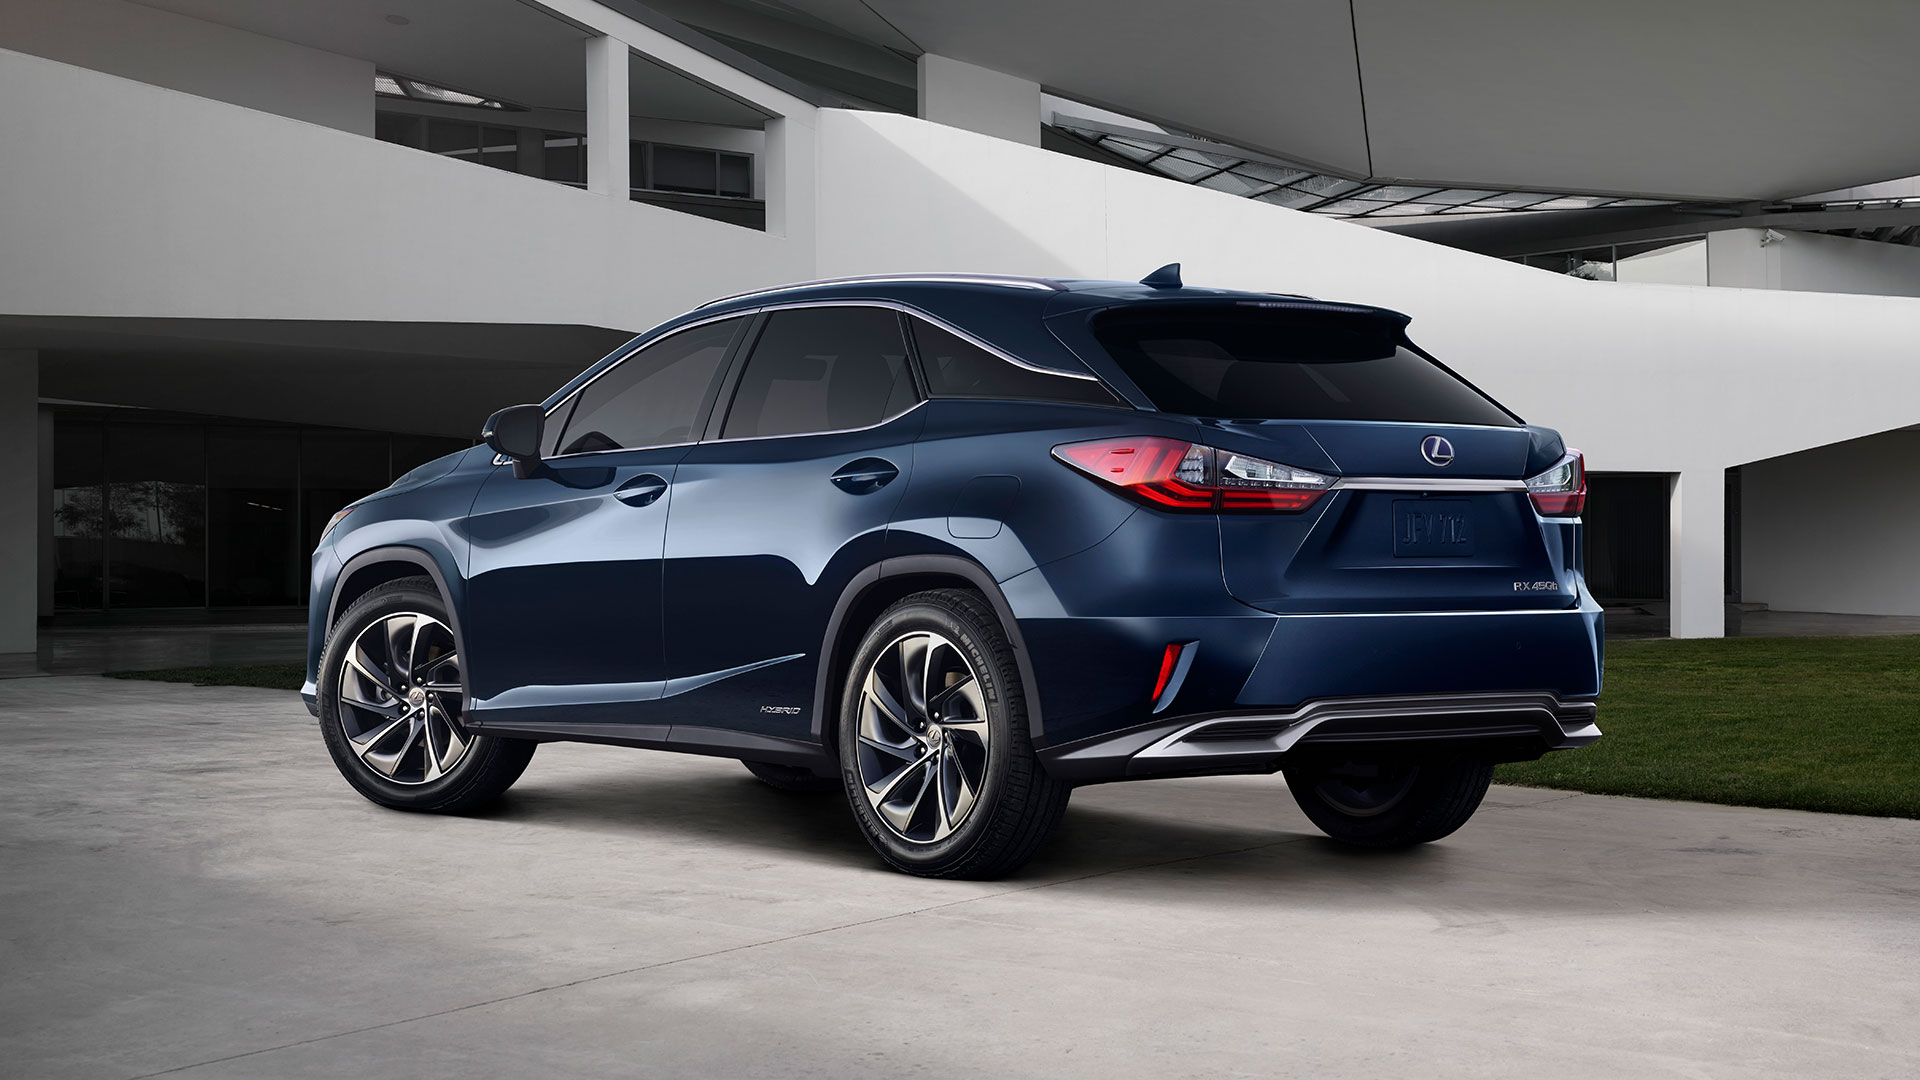 2017 lexus rx 450h next steps personalise